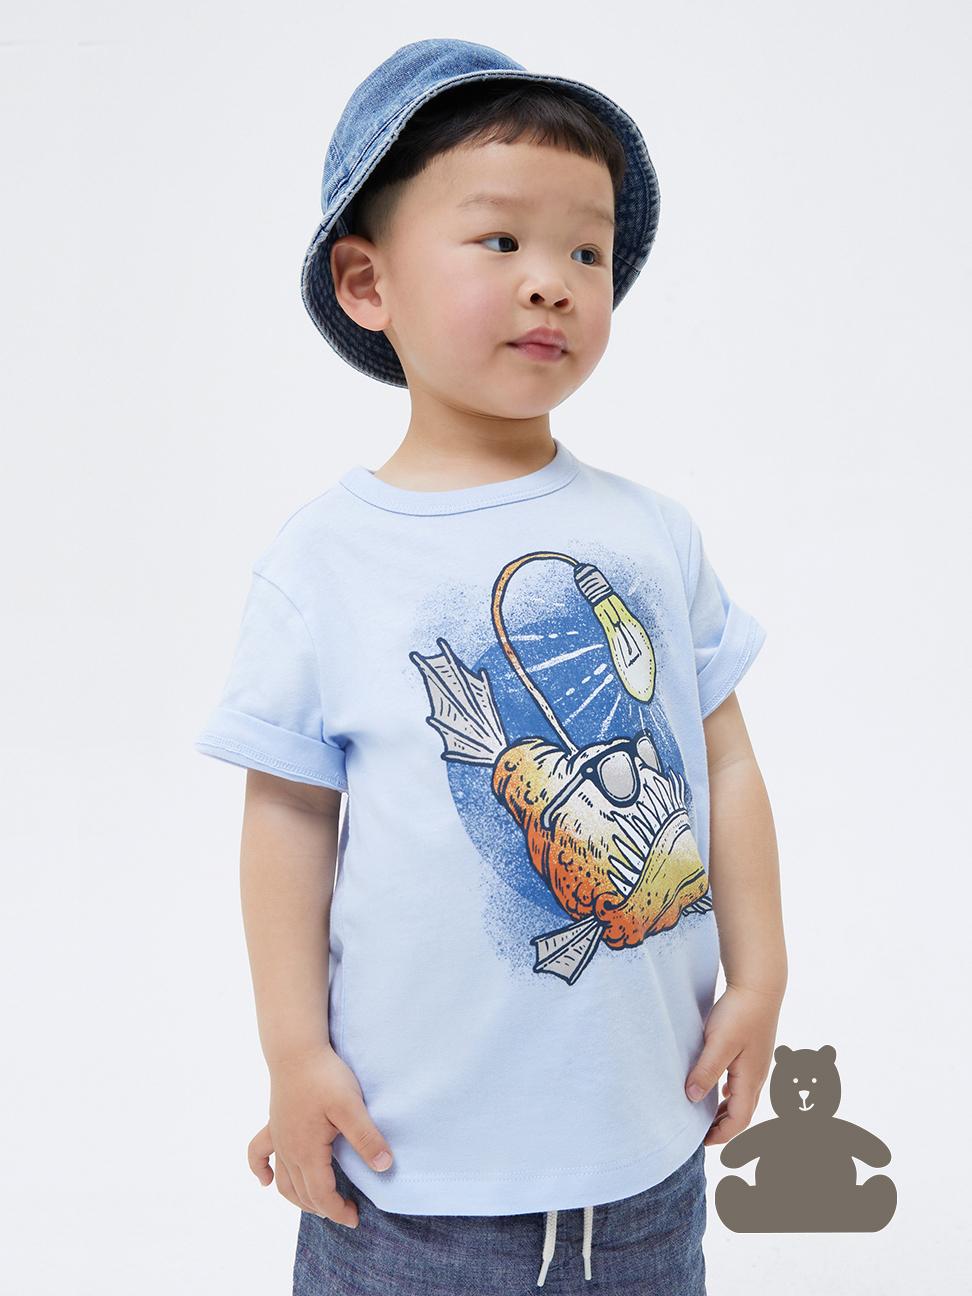 幼童 布萊納系列 可愛純棉印花短袖T恤